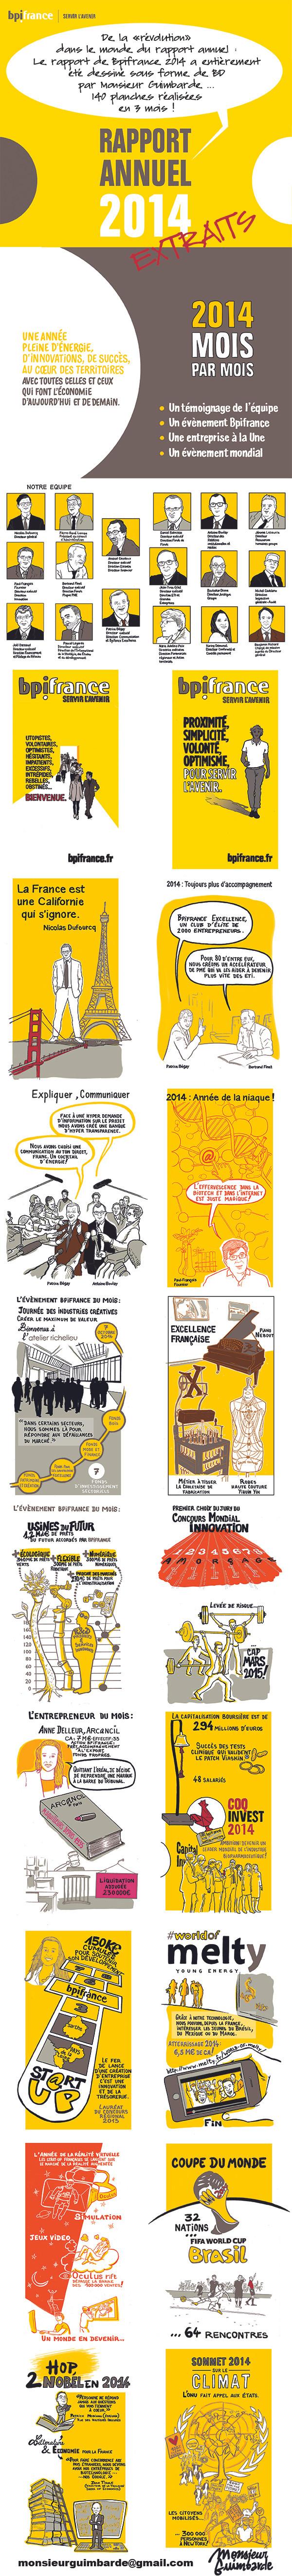 """Bpifrance : un rapport annuel en BD ! dessiné par mes soins sous la signature """"Monsieur Guimbar"""